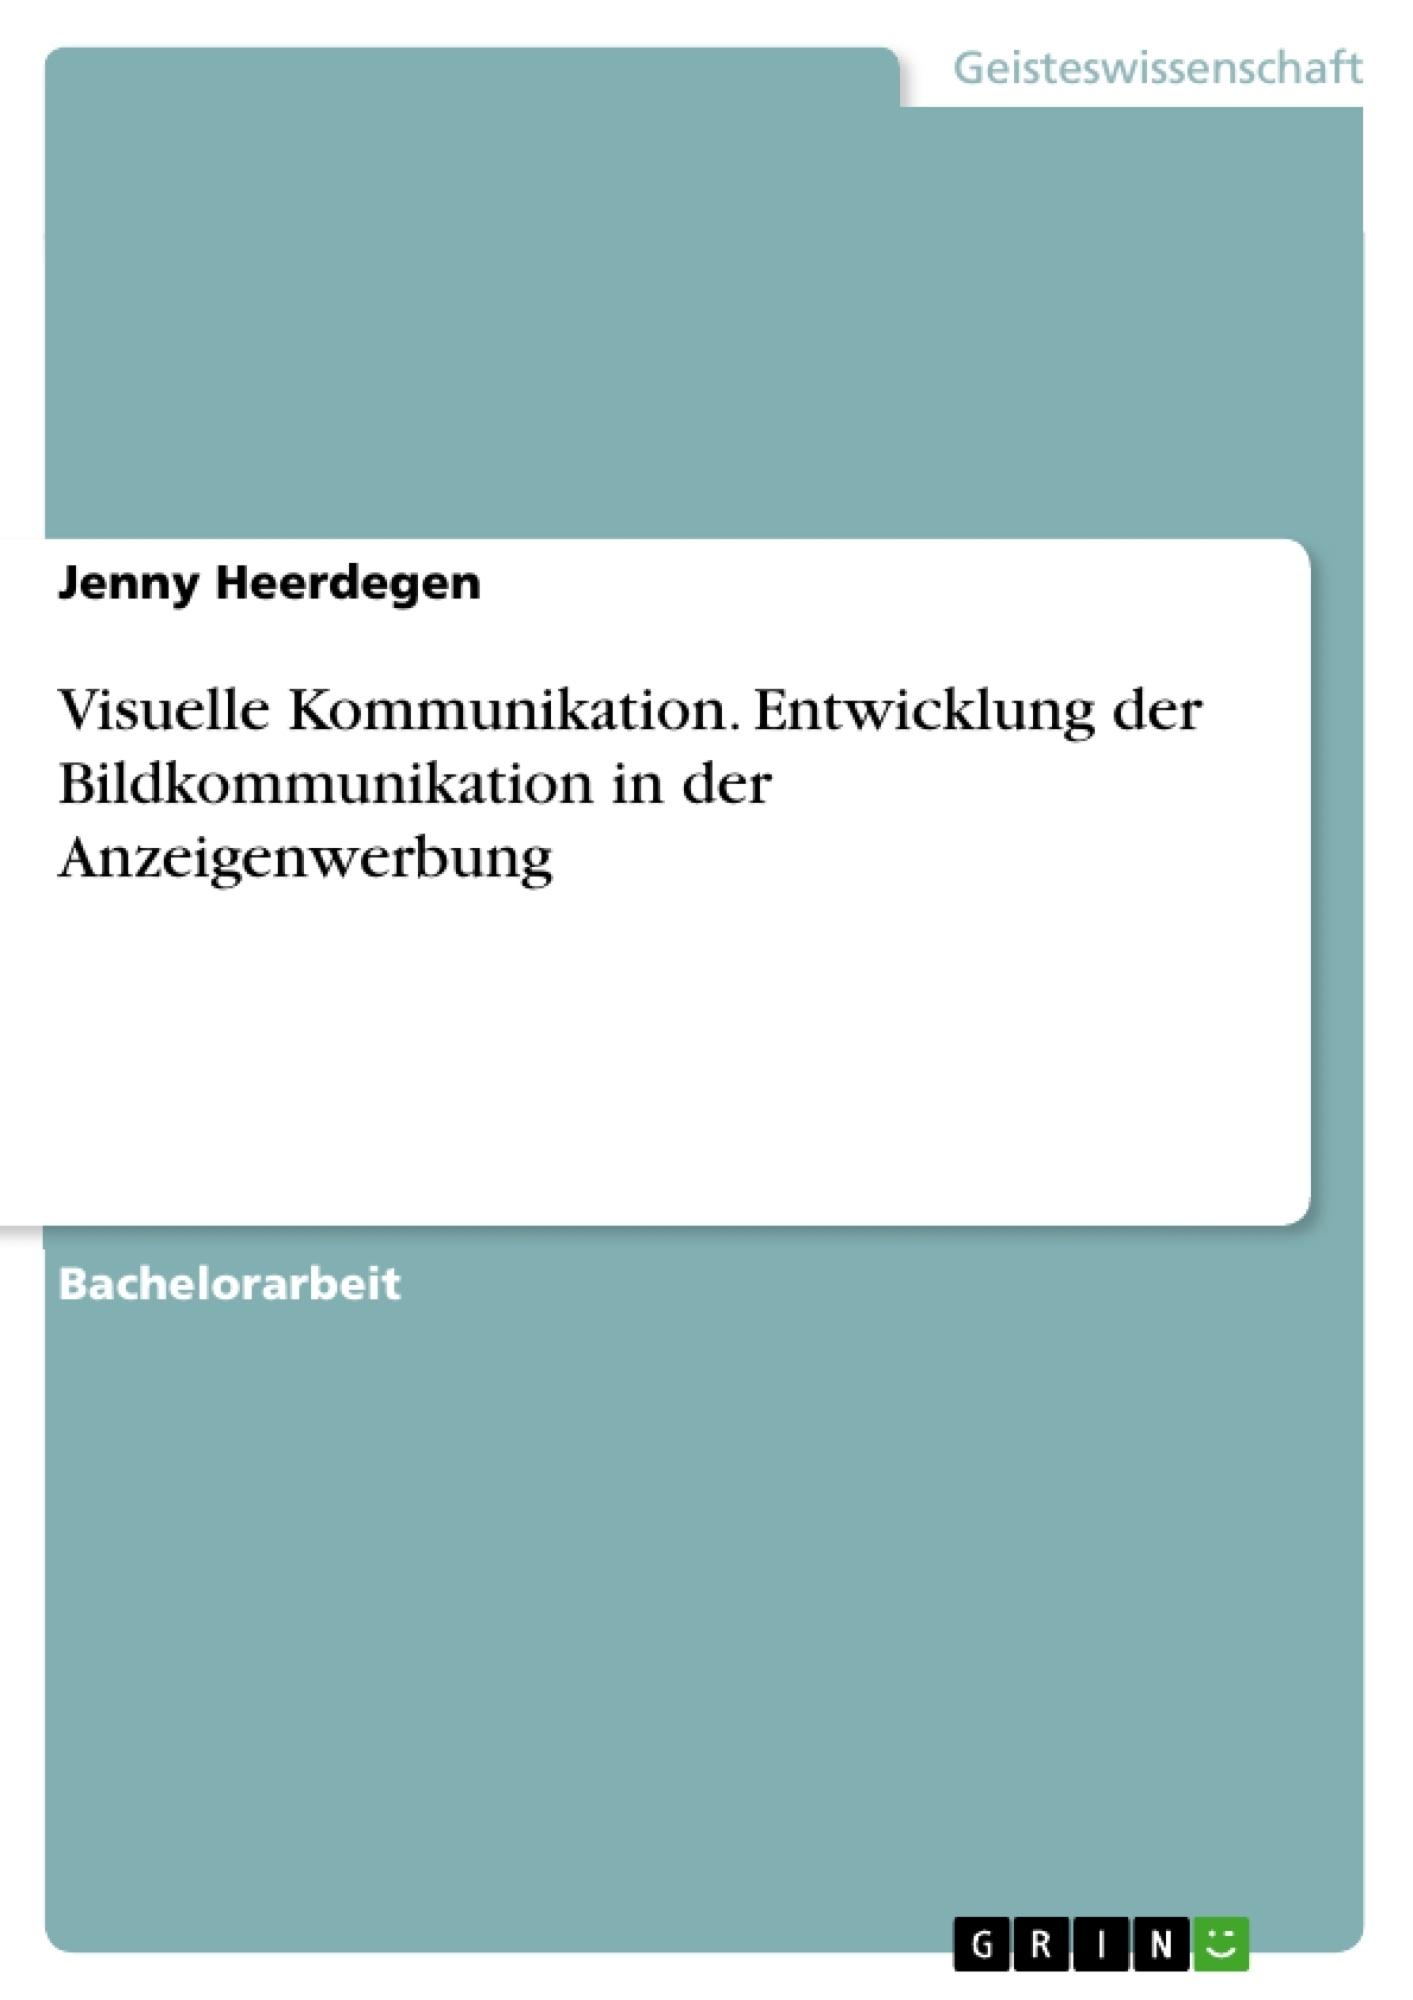 Titel: Visuelle Kommunikation. Entwicklung der Bildkommunikation in der Anzeigenwerbung